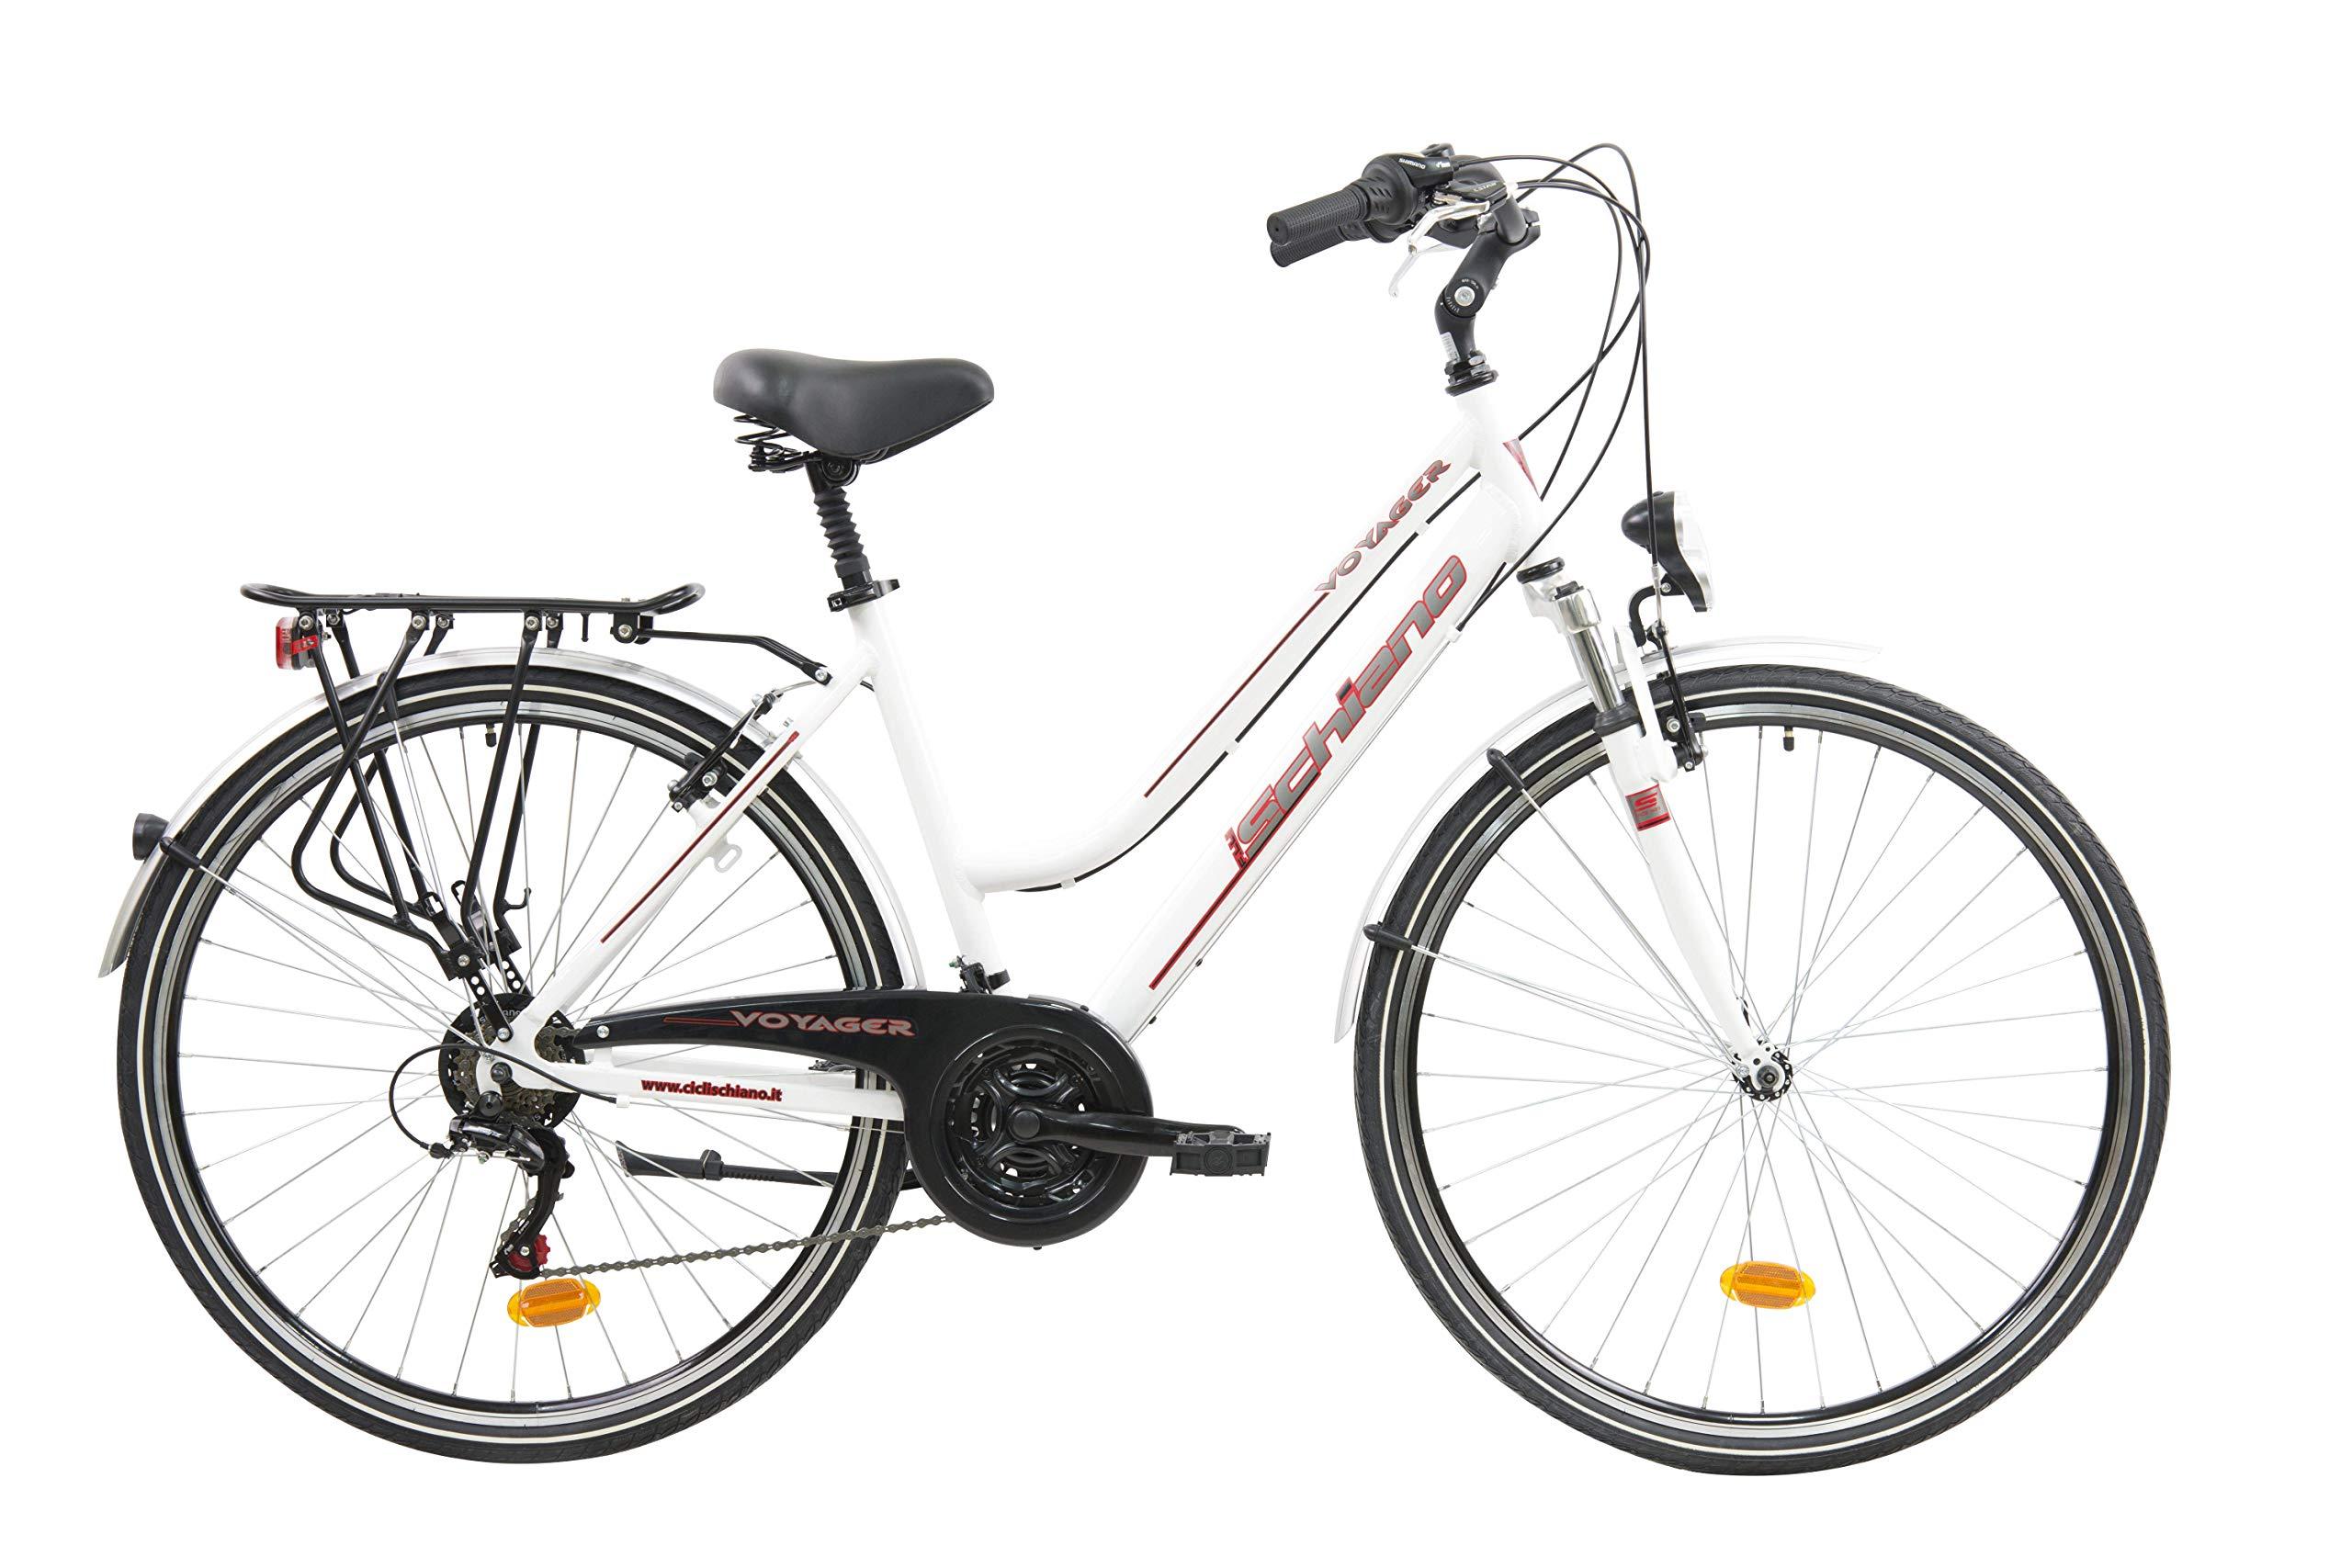 F.lli Schiano Voyager Bicicleta Trekking, Womens, Blanco-Rojo, 28: Amazon.es: Deportes y aire libre